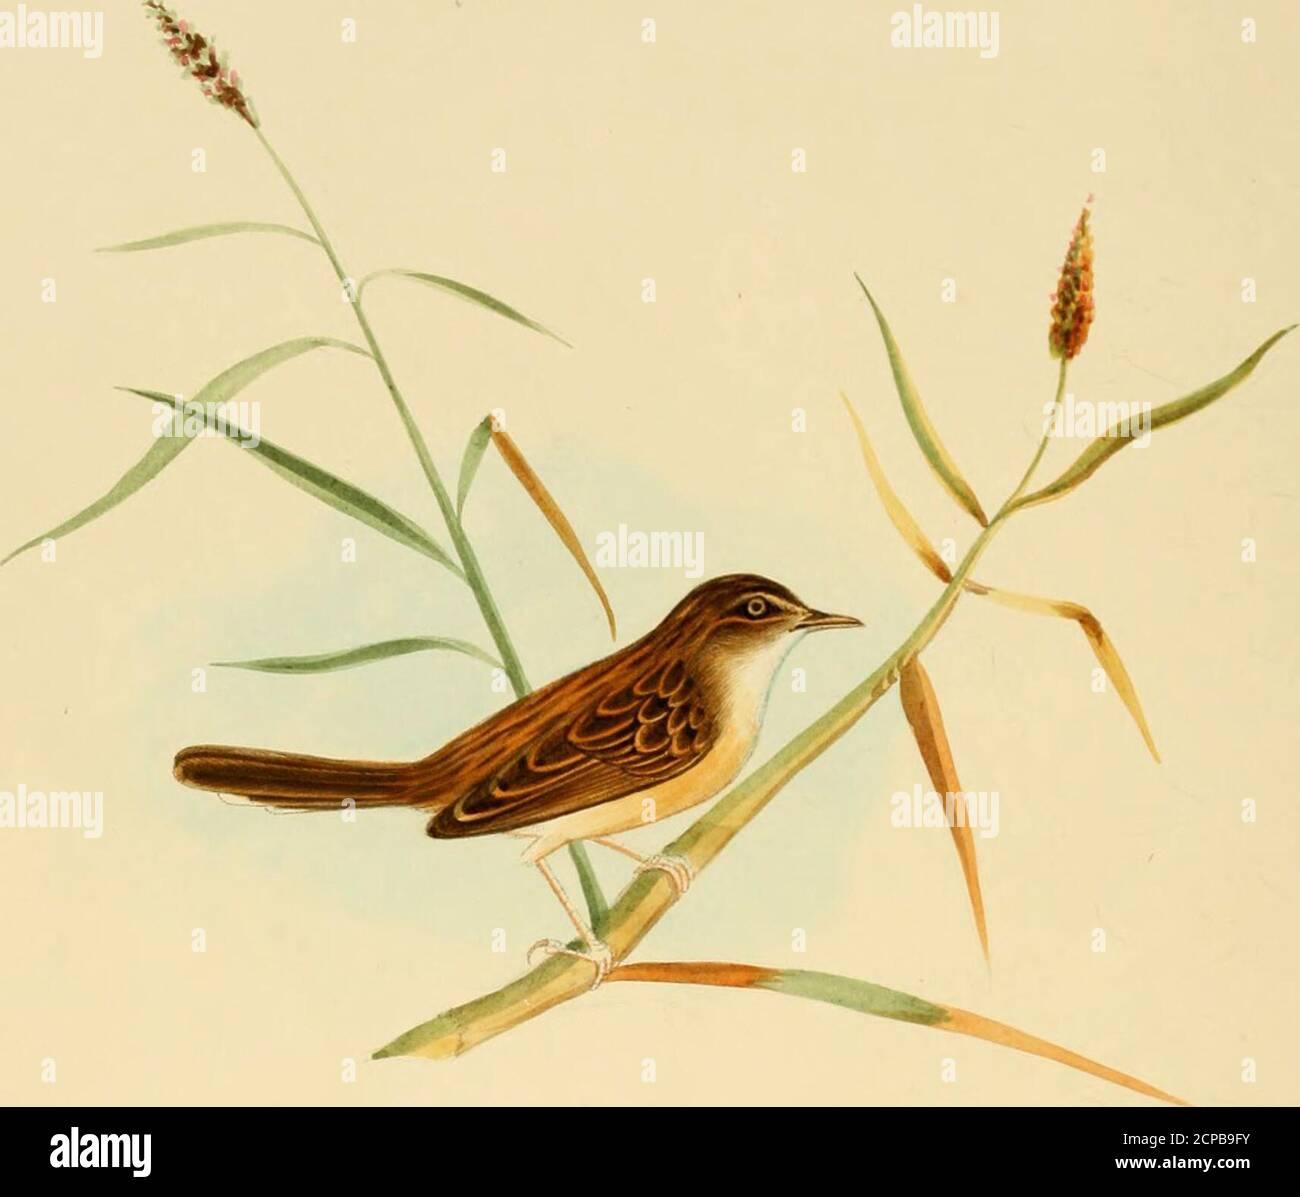 . Illustrations de l'ornithologie indienne : contenant cinquante figures d'espèces d'oiseaux nouvelles, non figurées et intéressantes, provenant principalement du sud de l'Inde . Il semble appartenir à Swainsons subgenusHemilophus. Il semble ressembler de très près au Picus lencogaster de Temminck, que Horsfield identifie avec son P. Jacensis, siace nommée P. Horsfieldii par Wagler. En dehors des descriptions cependant de ces espèces je trouve toute mention de la Fostentablement des illustrations de l'Indien Omithologitj ; dos blanc. M. Blyth semble toutefois penser que mon oiseau est peut-être identique au lenco-gaster, comme il l'a fait Banque D'Images